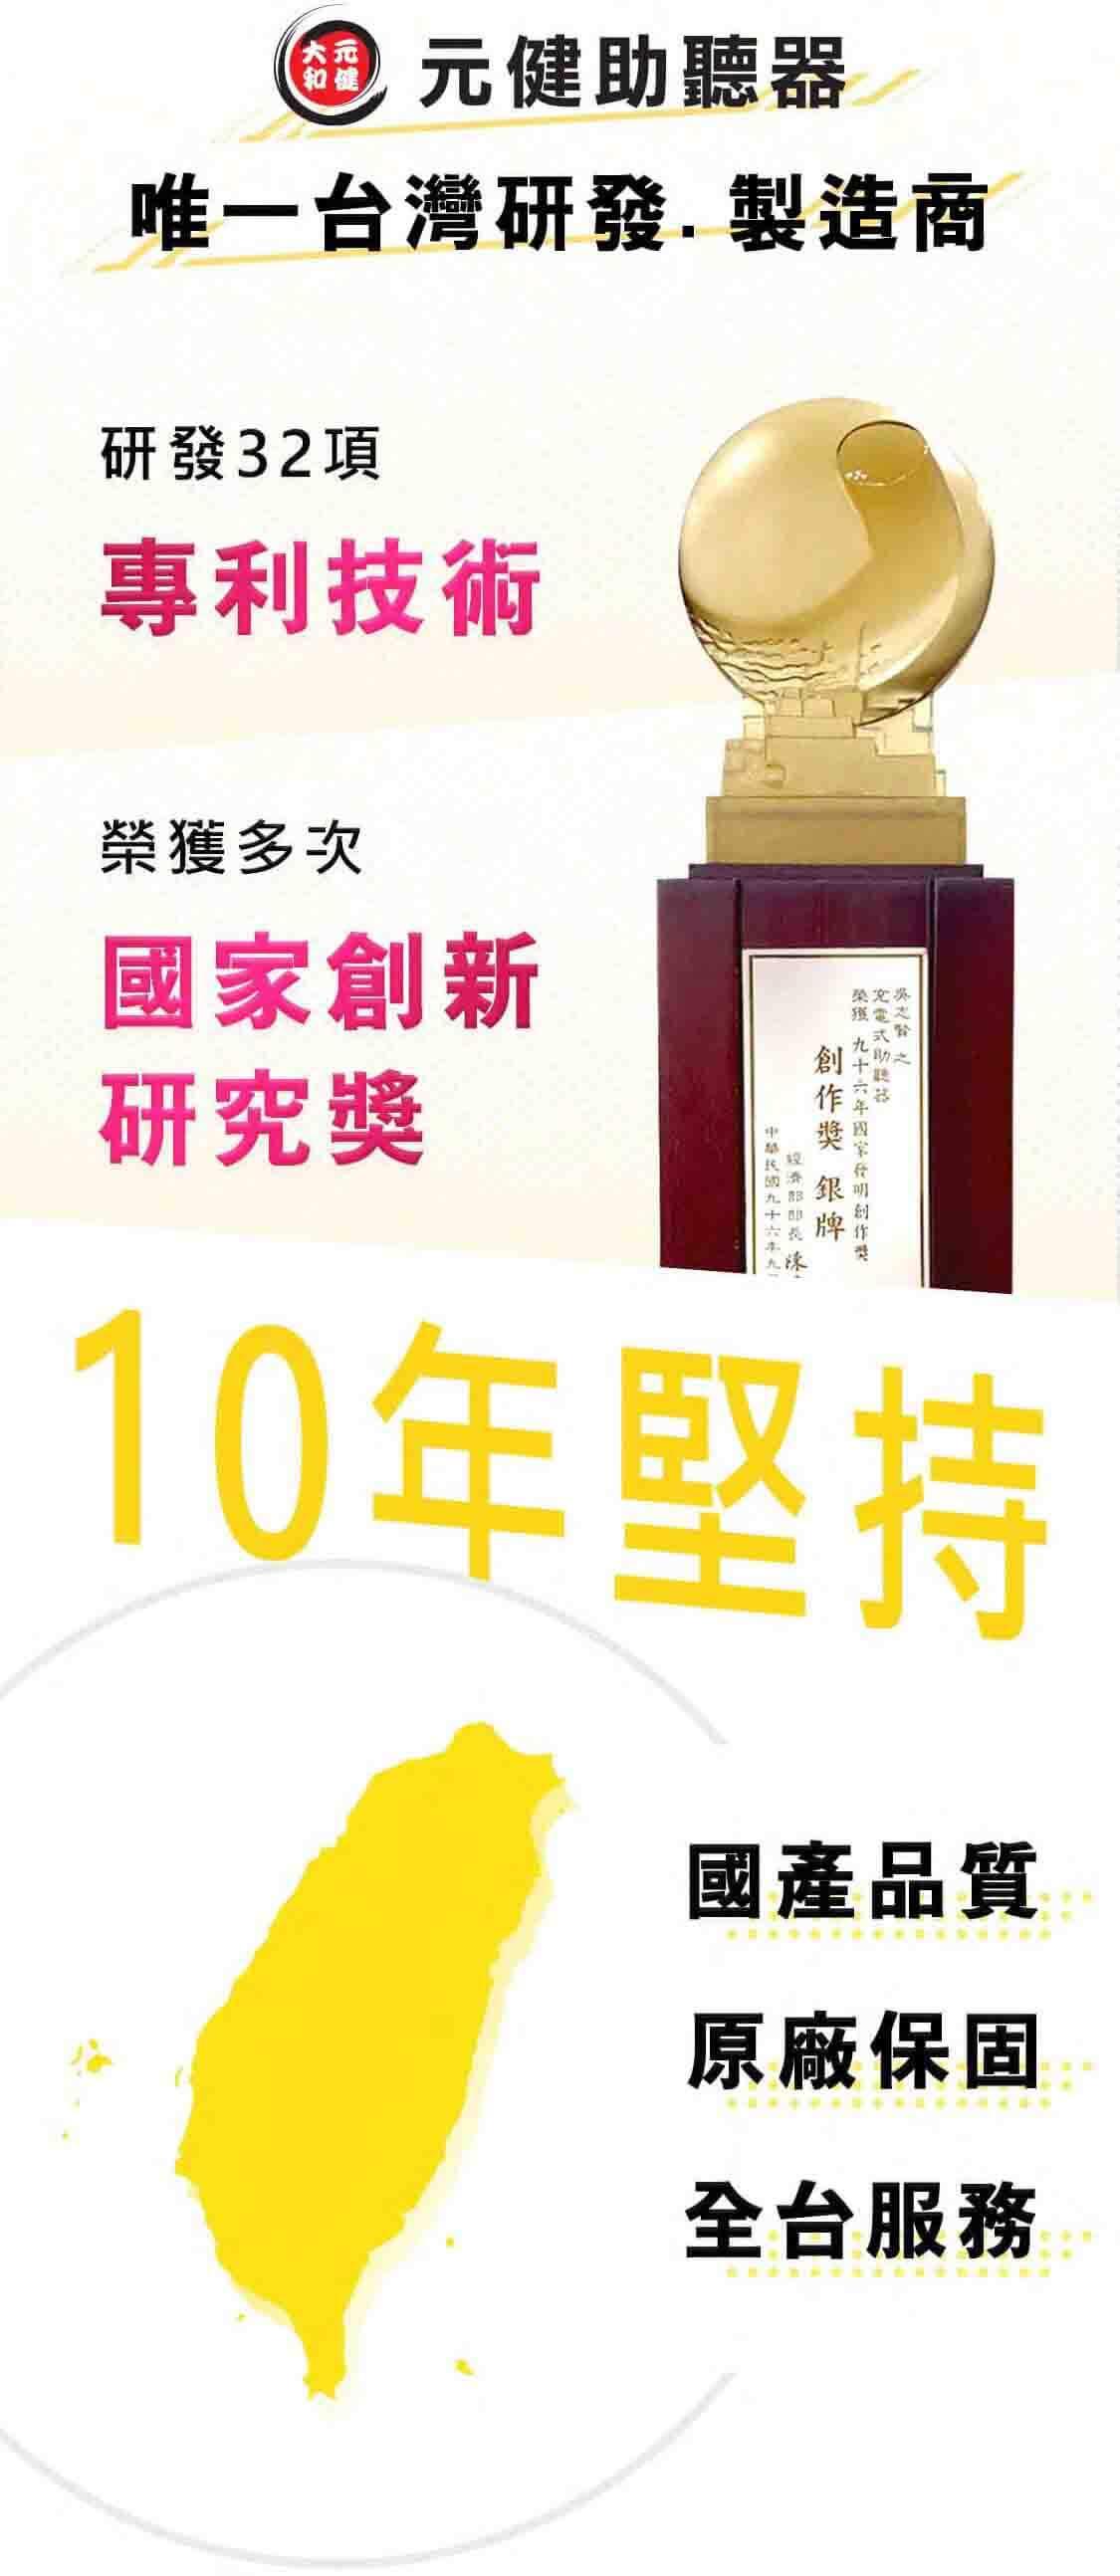 元健助聽器是台灣唯一自行研發、製造助聽器的品牌擁有32項專利技術並榮獲無數國家創新發明研究獎